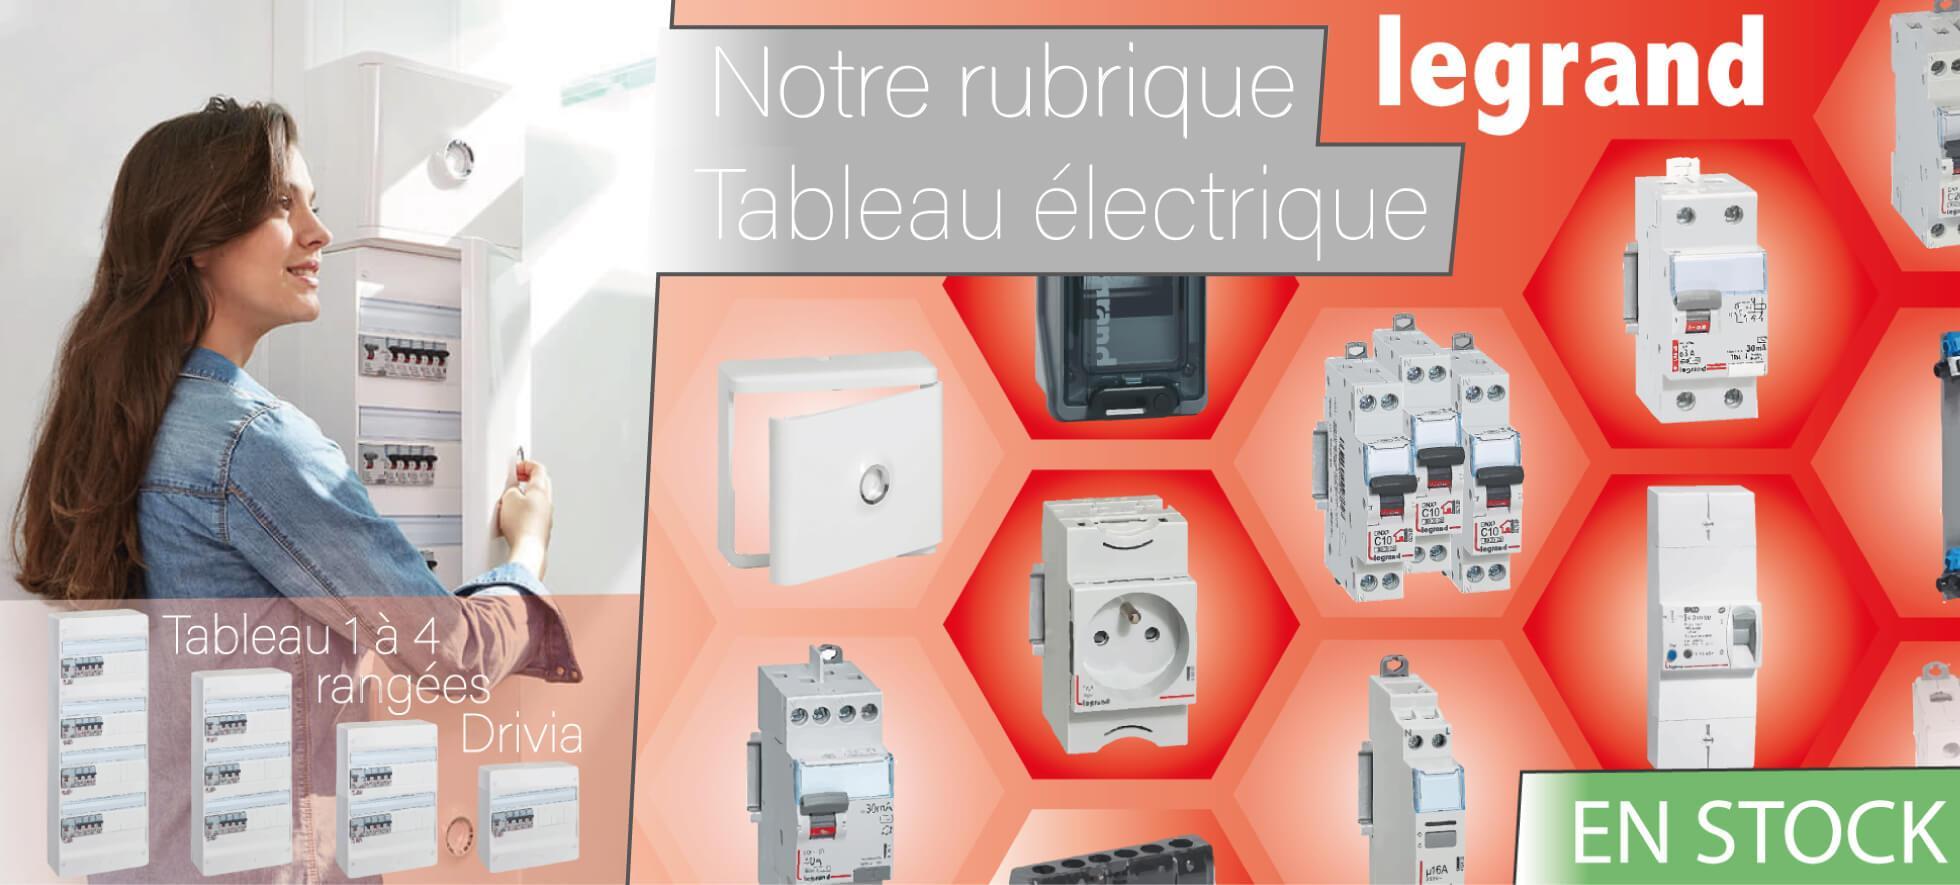 Tableau électrique Legrand